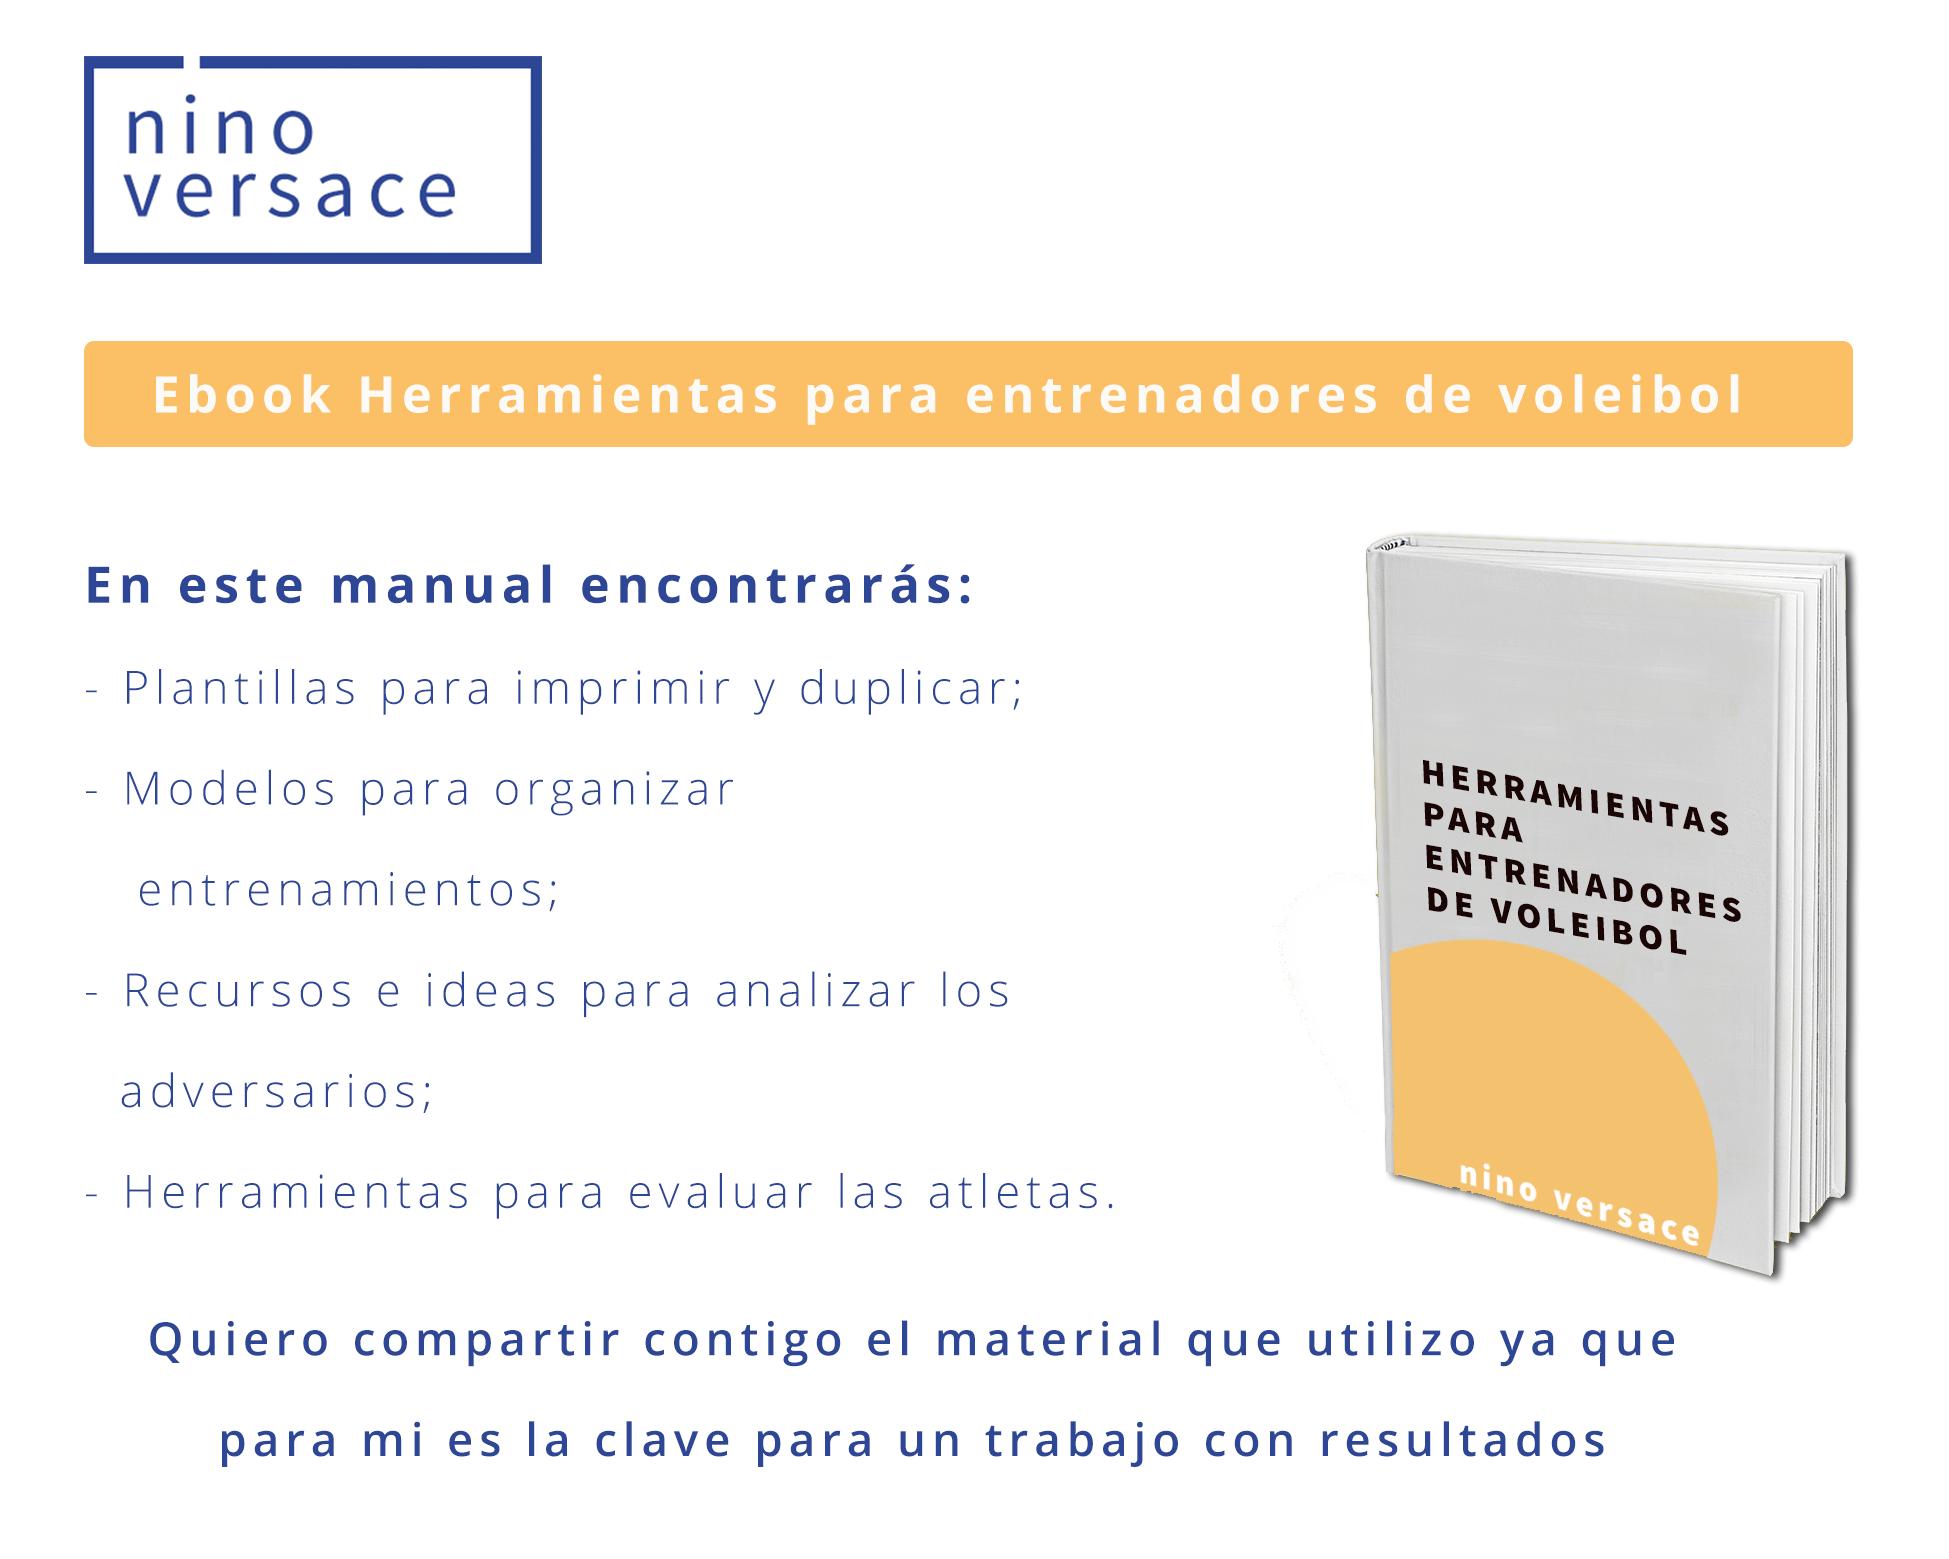 Ebook gratis con herramientas útiles para entrenadores de voleibol